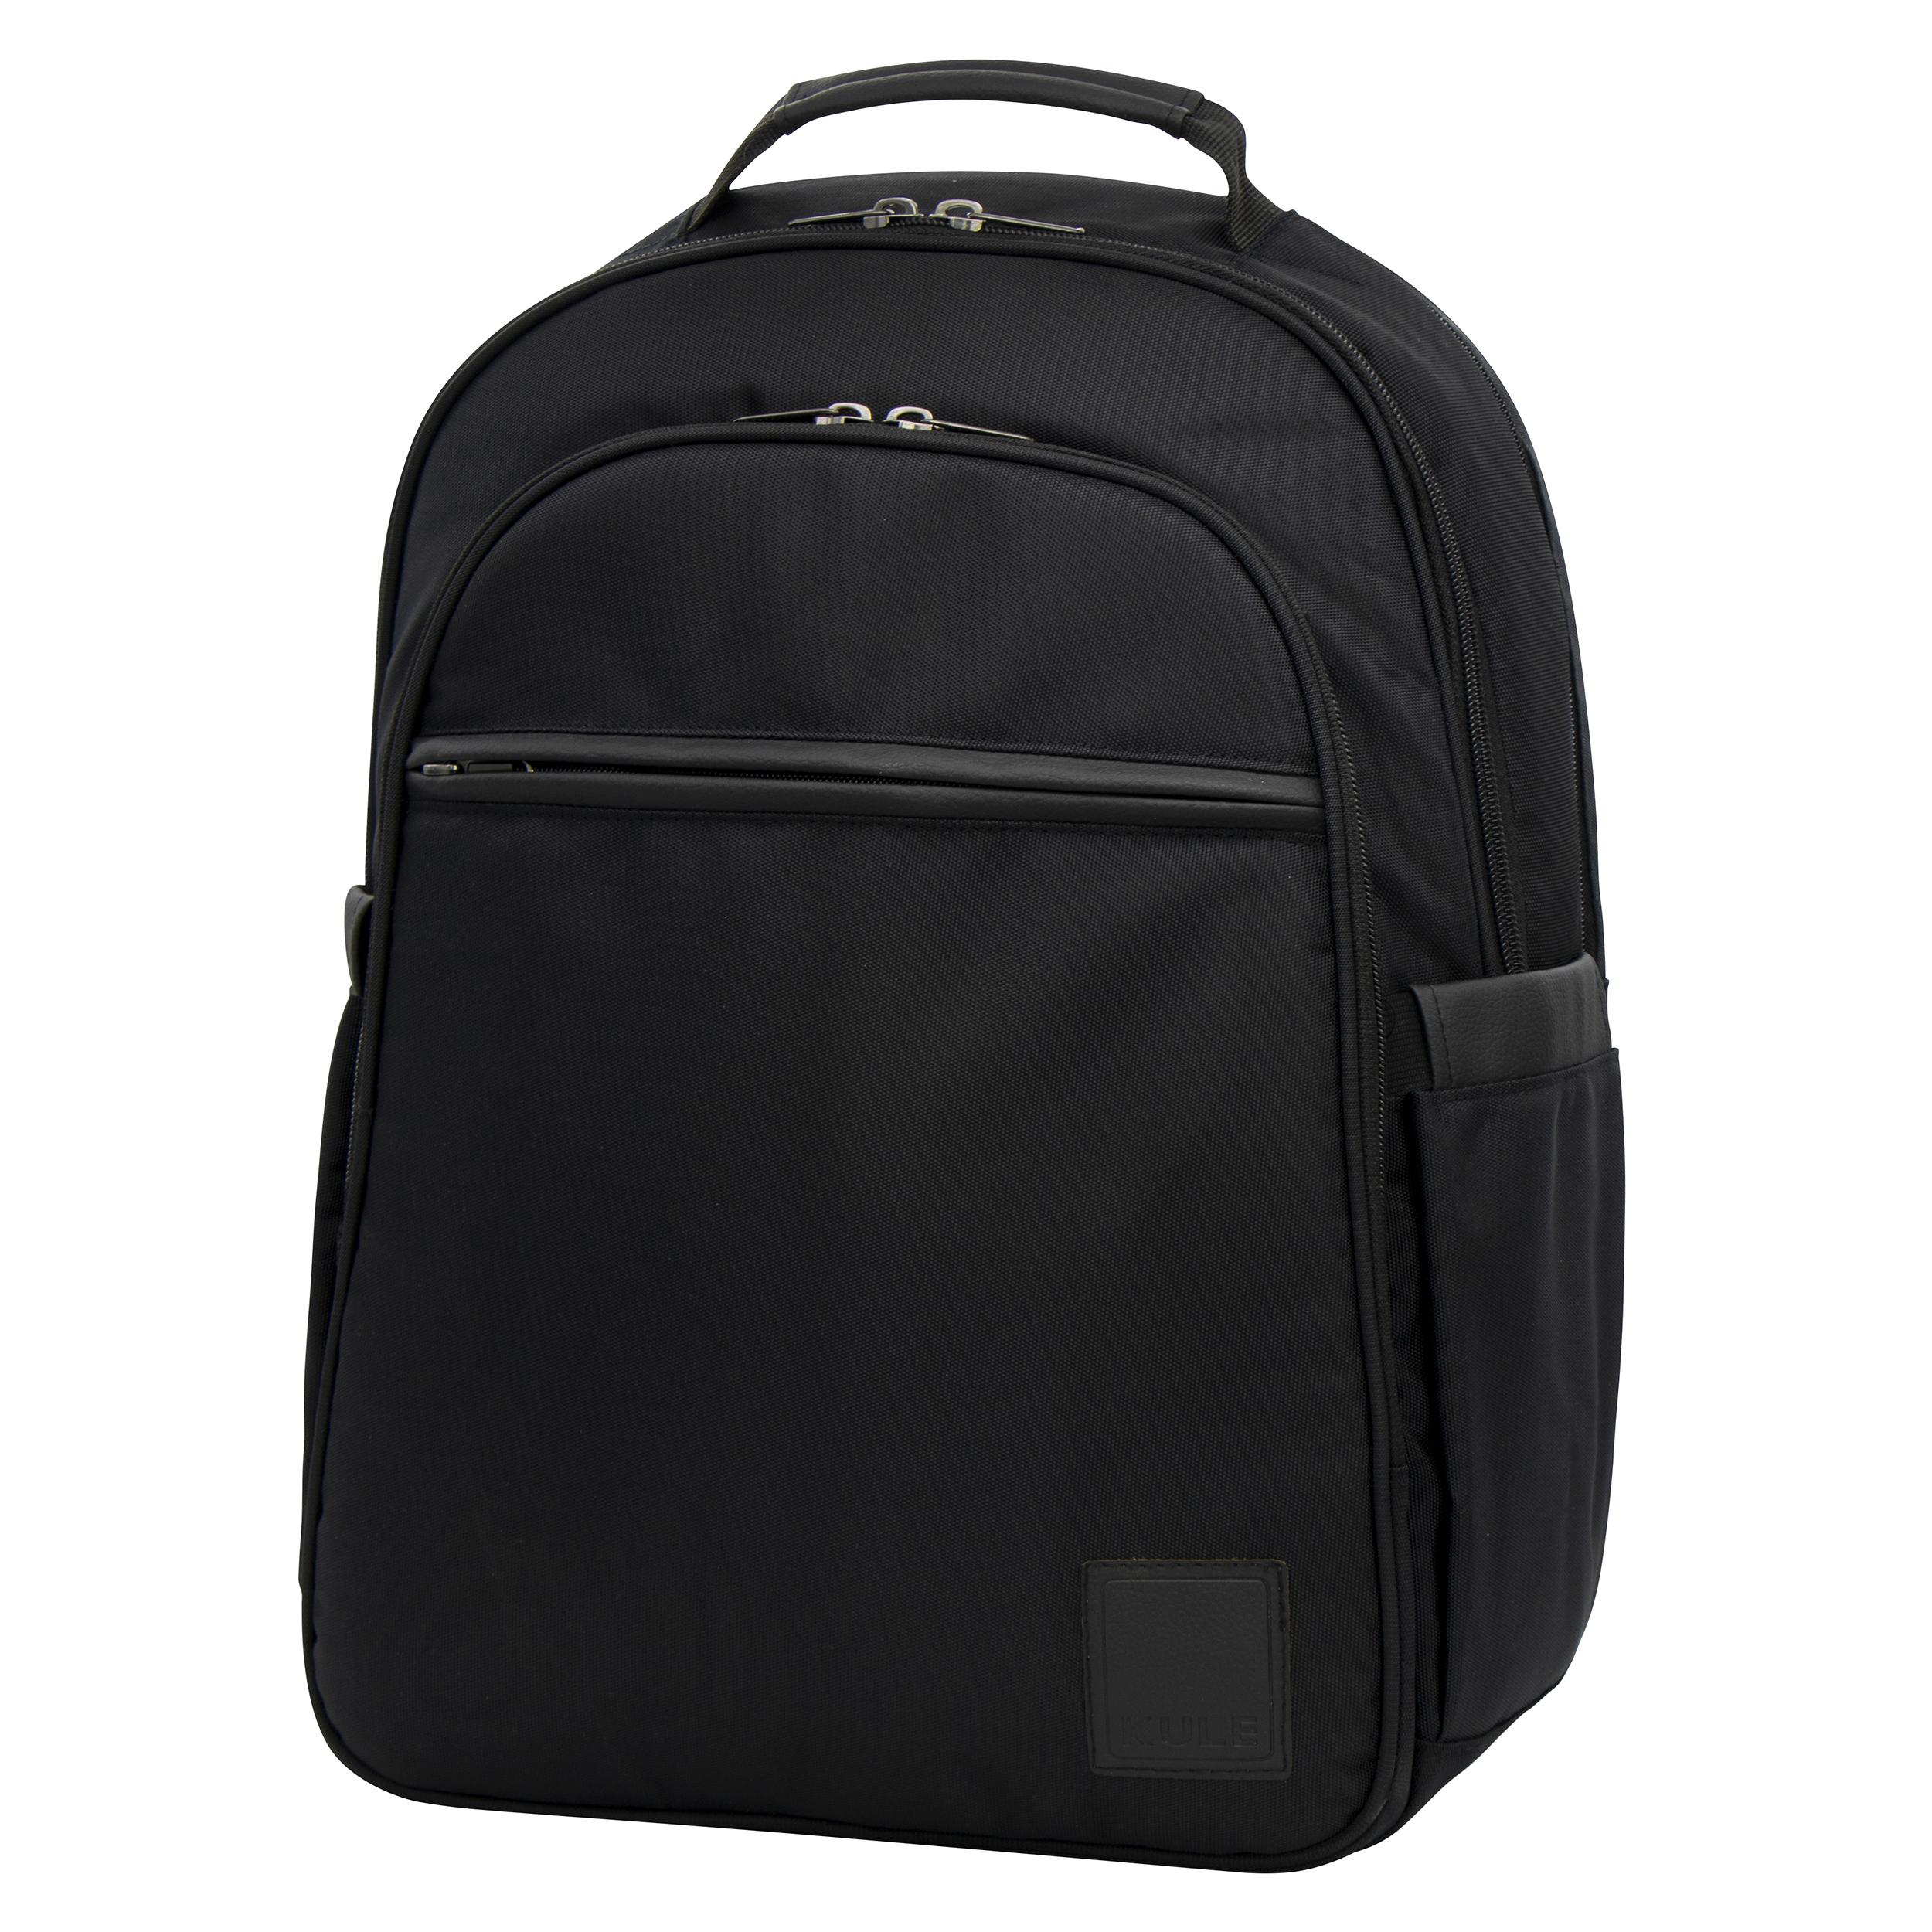 کوله پشتی لپ تاپ کوله مدل  KL1501 PRO مناسب برای لپ تاپ 15.6 اینچی